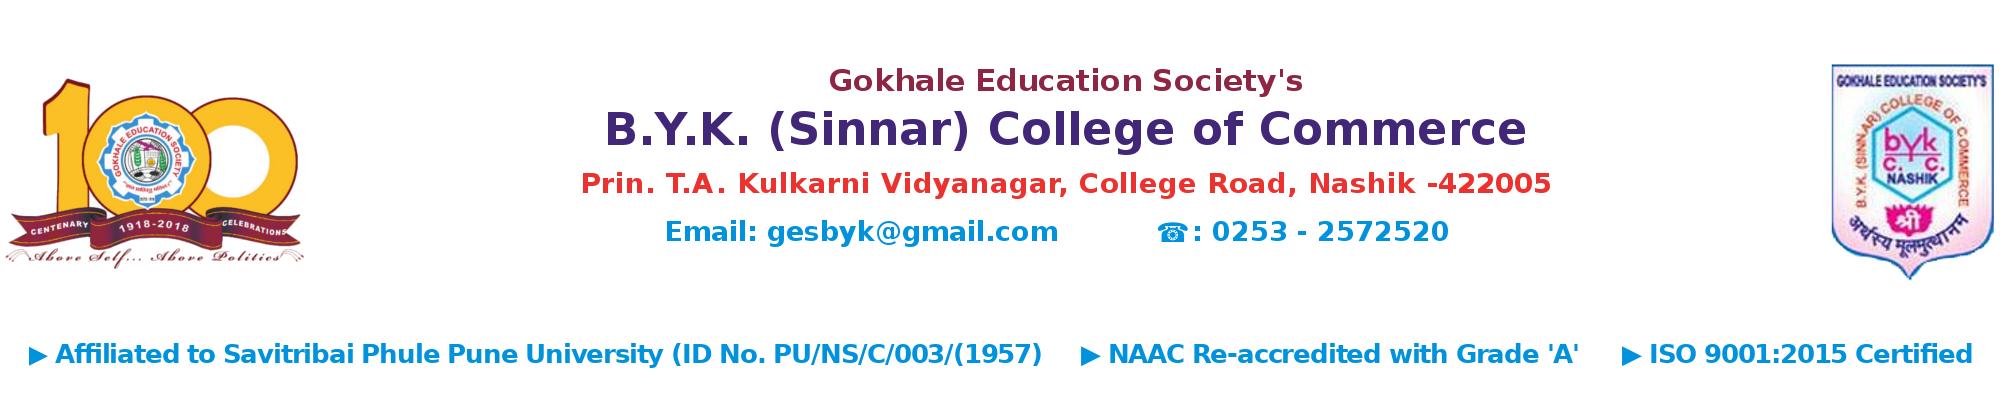 B.Y.K. (Sinnar) College of Commerce